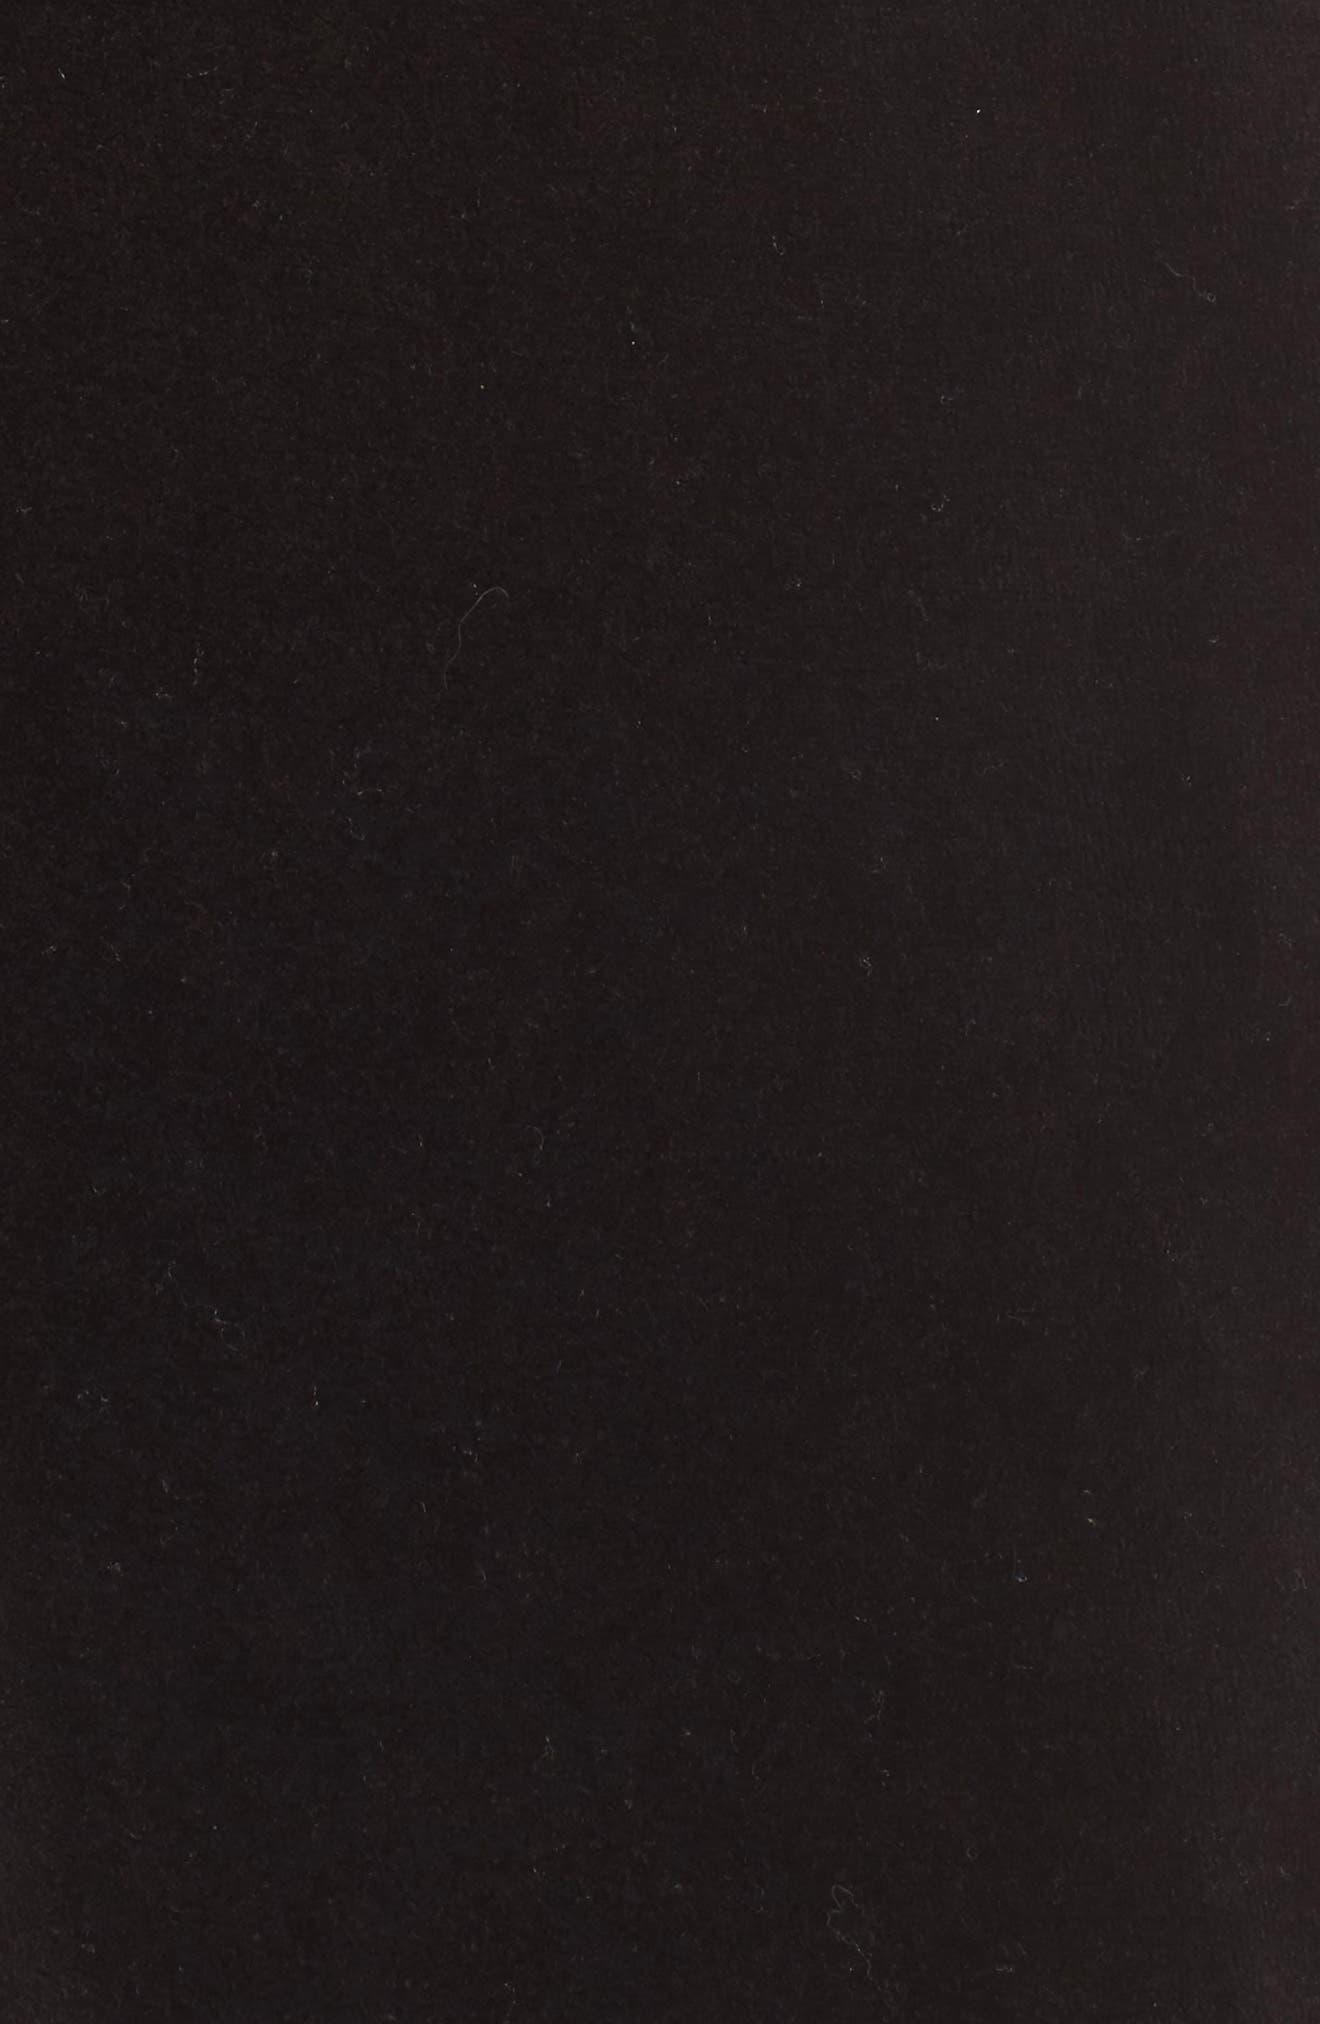 Velour Sweatpants,                             Alternate thumbnail 6, color,                             001